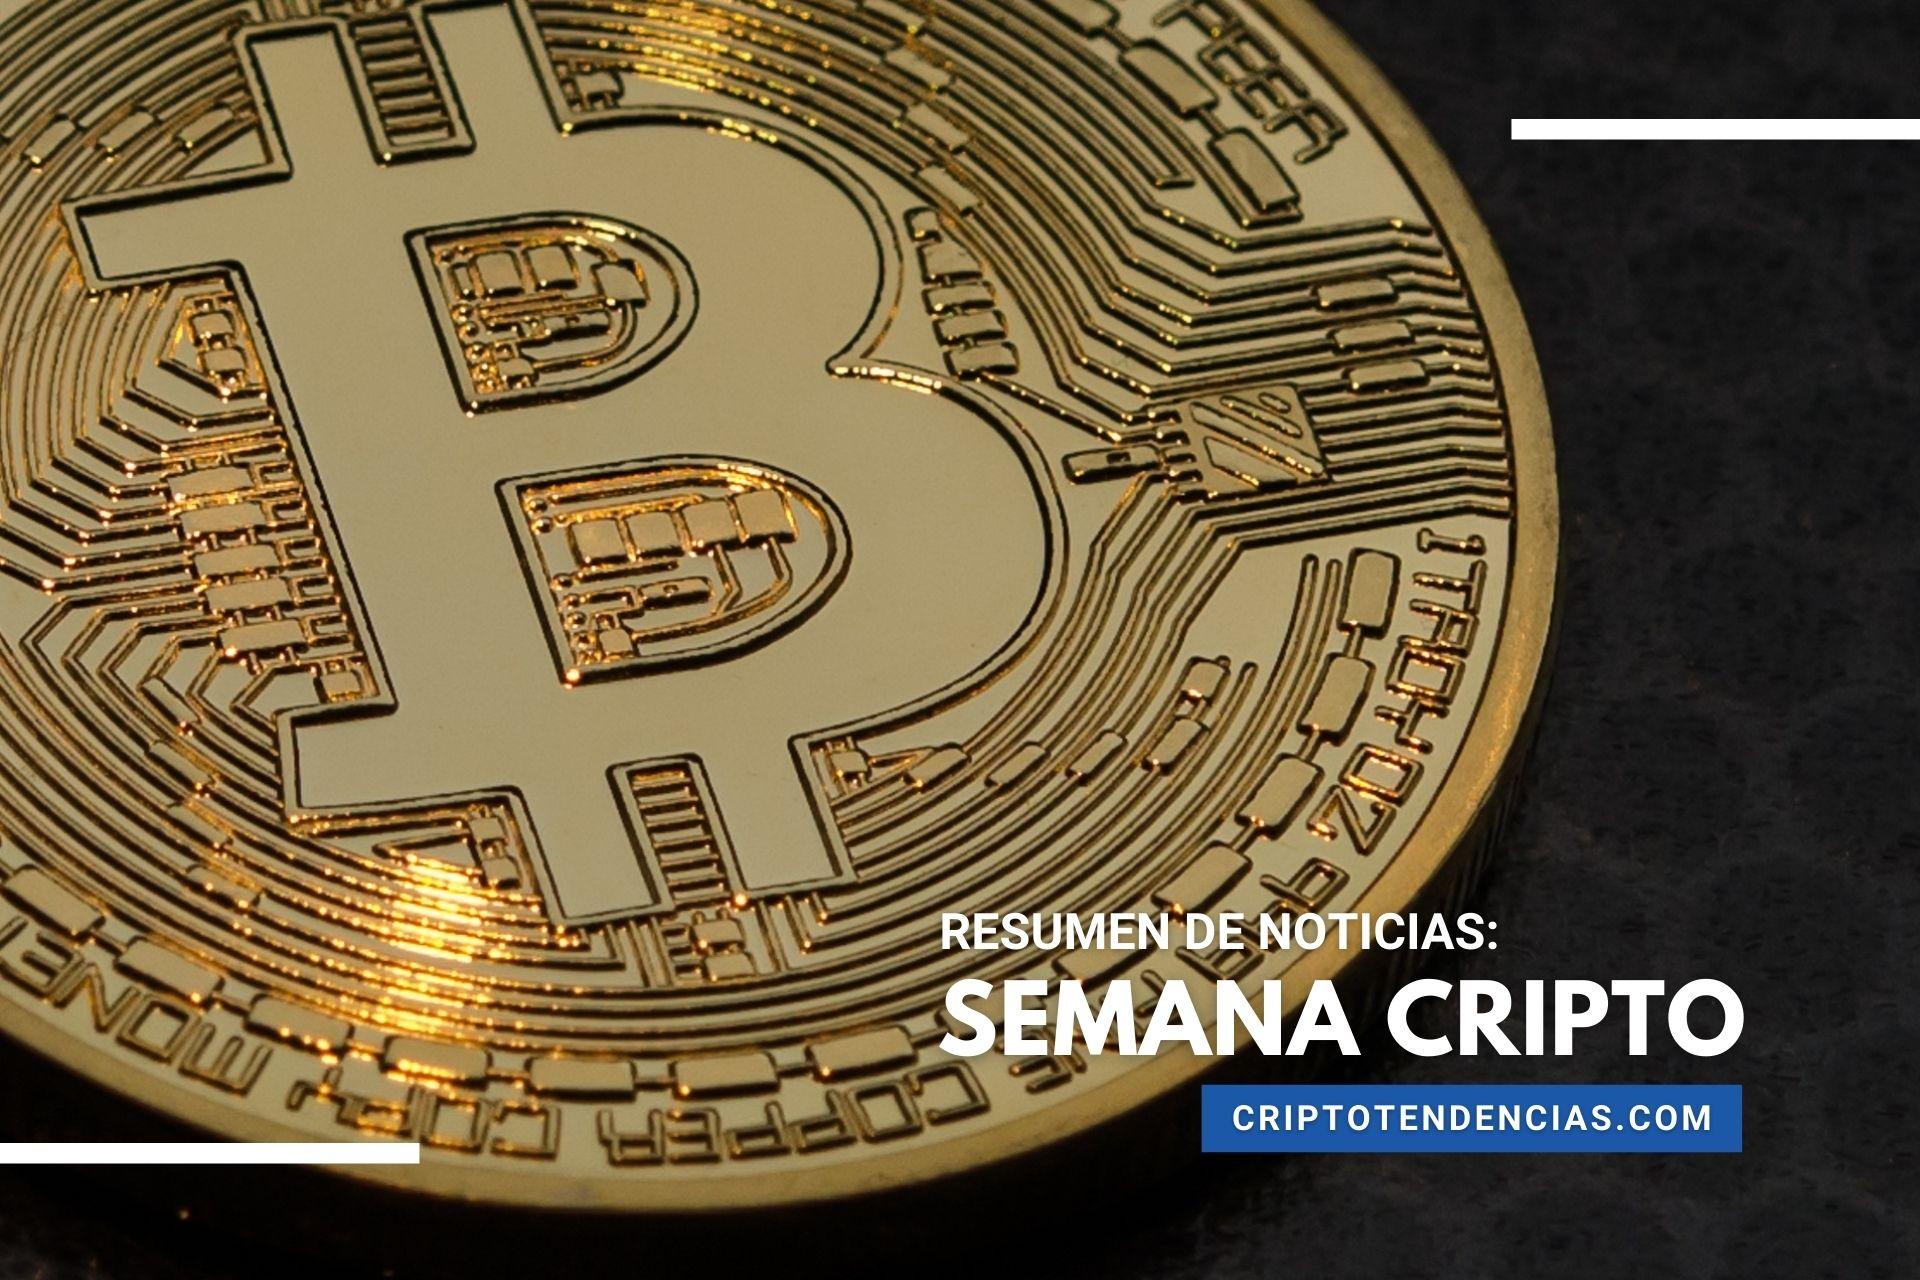 Revisa lo mejor de Bitcoin y las criptomonedas durante la Semana Cripto